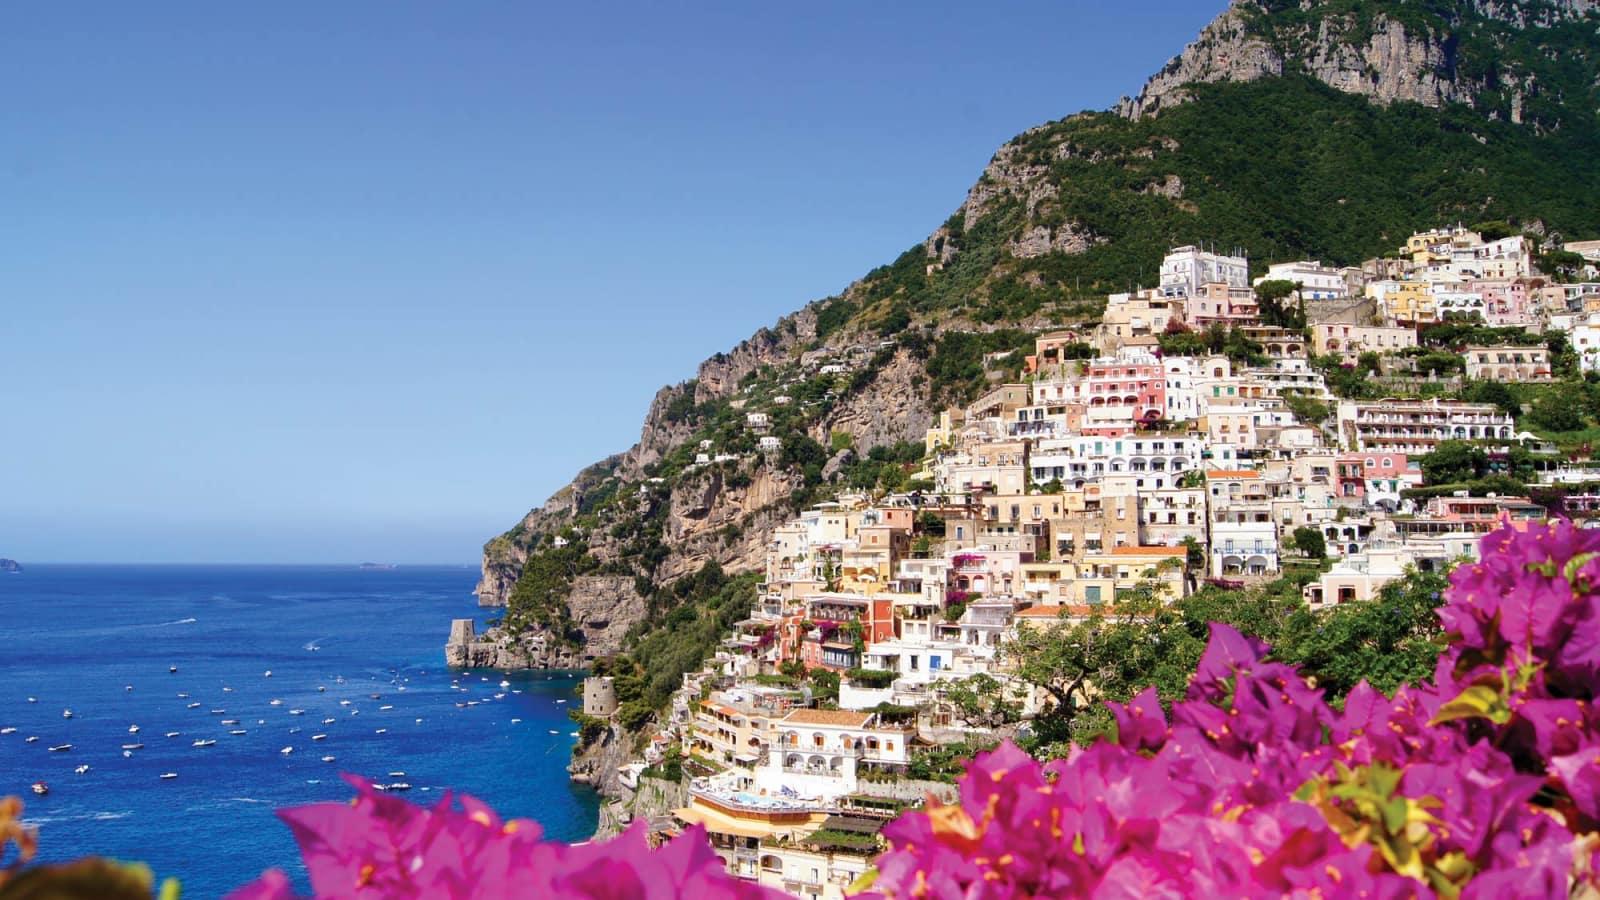 Sorrento the amalfi coast holidays 2018 topflight for Italia amalfi